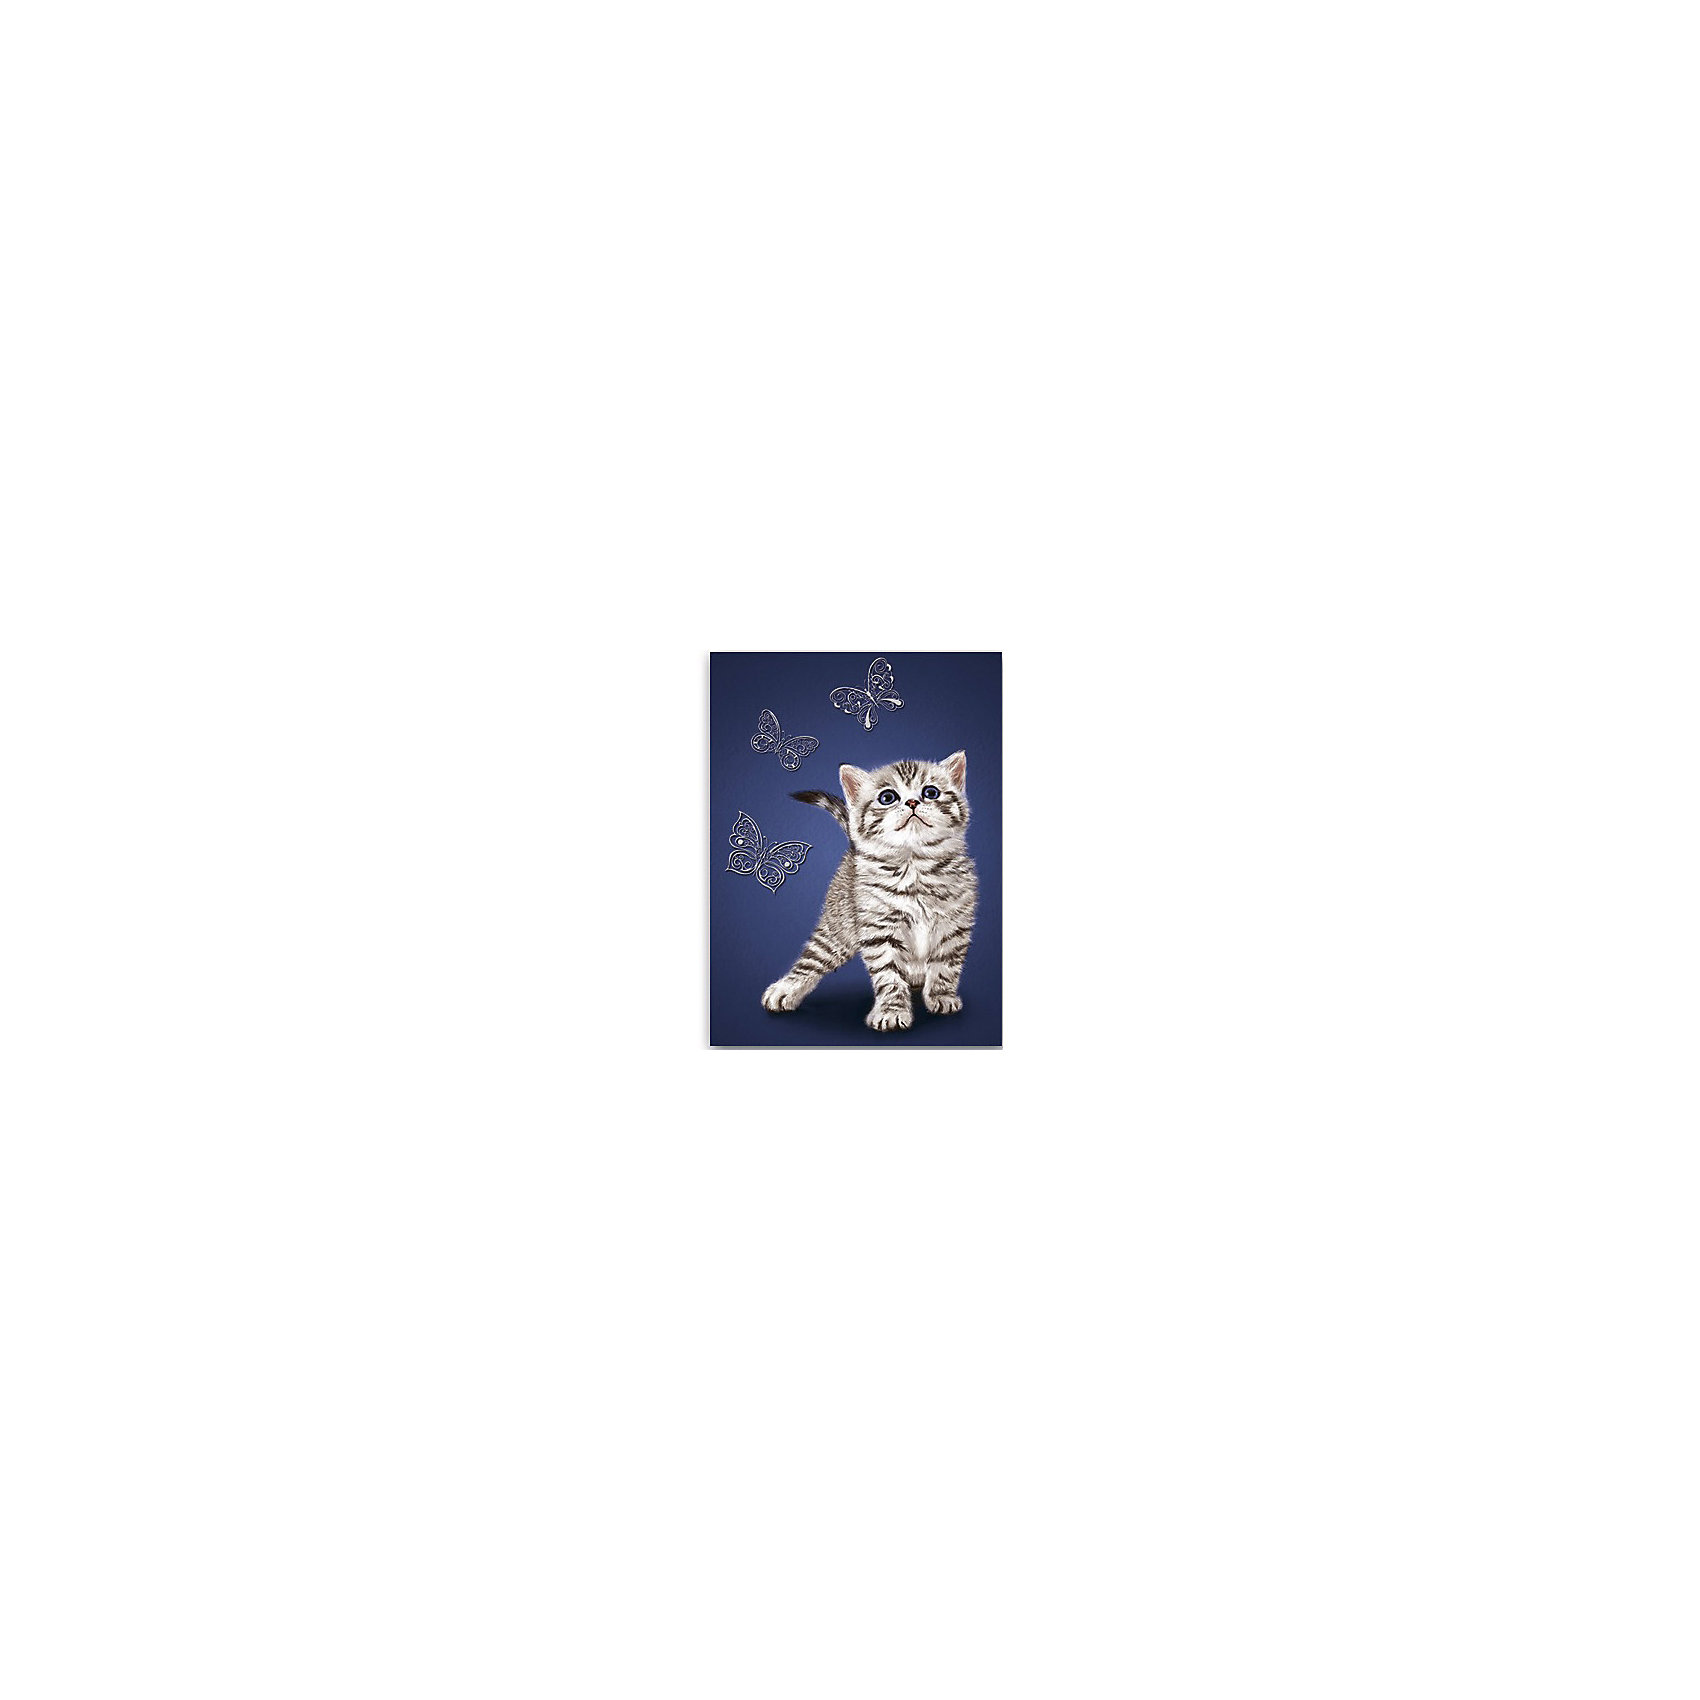 Записная книжка Котенок, А6Красивая записная книжка, украшенная оригинальным рисунком, стразами и фольгой обязательно понравится девочке и станет желанным подарком на любой праздник. Плотные страницы идеально подойдут для рисунков и записей, а прочная красивая обложка надежно сохранит все девичьи секреты!  <br>Небольшой формат позволяет брать записную книжку куда угодно - она запросто поместится в любой сумочке и всегда будет под рукой! <br><br>Дополнительная информация:<br><br>- Обложка: твердая, 7БЦ с печатью по металлизированной бумаге, тиснение серебряной фольгой. <br>- Количество страниц: 160.<br>- Формат А6 (15 х 11 см.).<br><br>Записную книжку Котенок, А6, можно купить в нашем магазине.<br><br>Ширина мм: 110<br>Глубина мм: 145<br>Высота мм: 10<br>Вес г: 130<br>Возраст от месяцев: 48<br>Возраст до месяцев: 2147483647<br>Пол: Женский<br>Возраст: Детский<br>SKU: 4756030